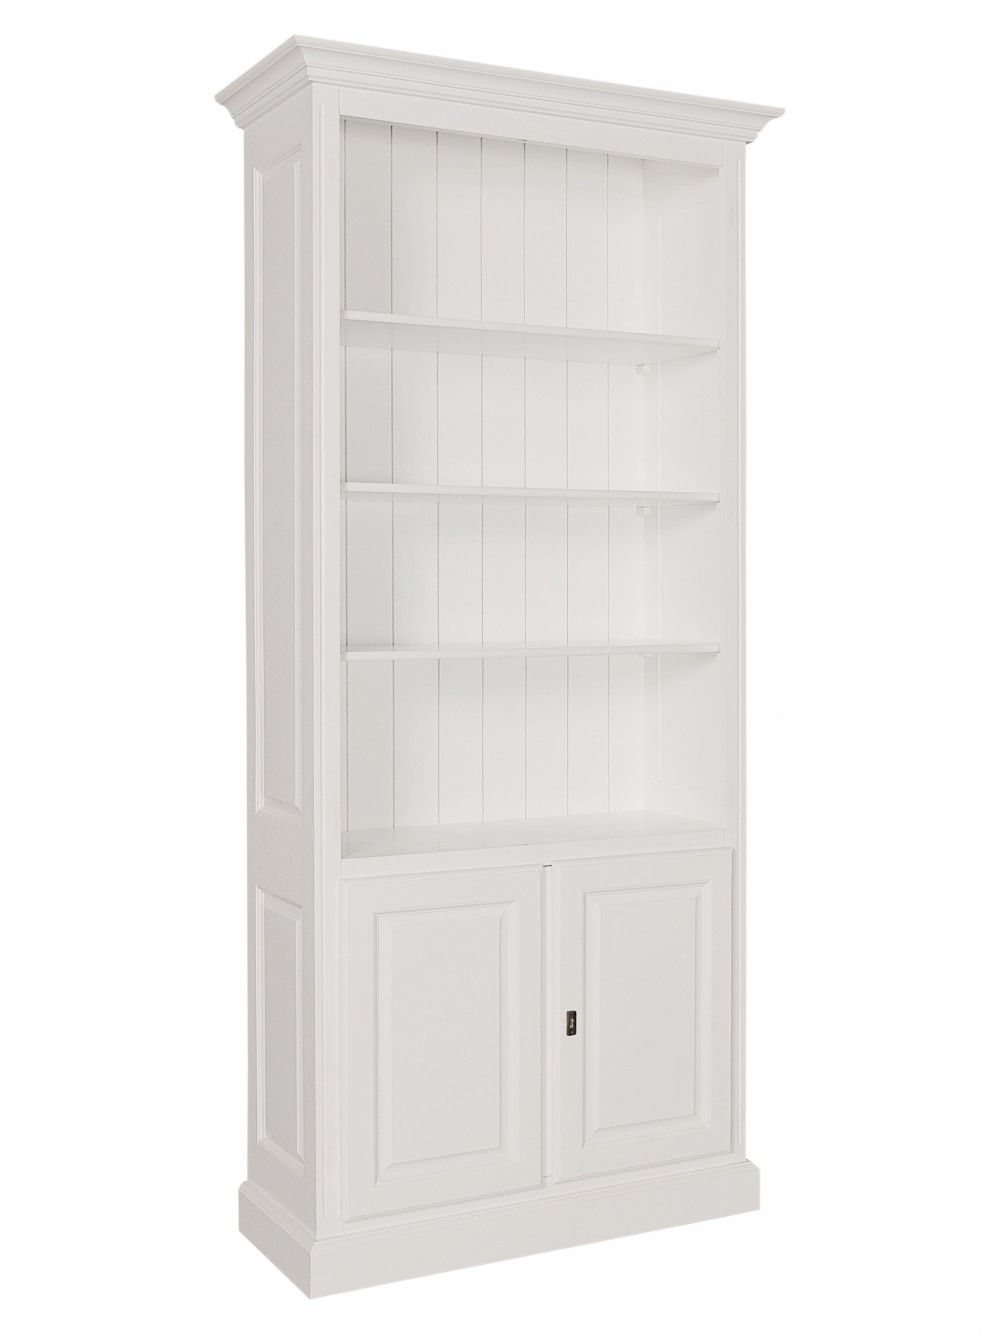 Bücherschrank weiß, Schrank weiß Landhaus, Breite 101 cm